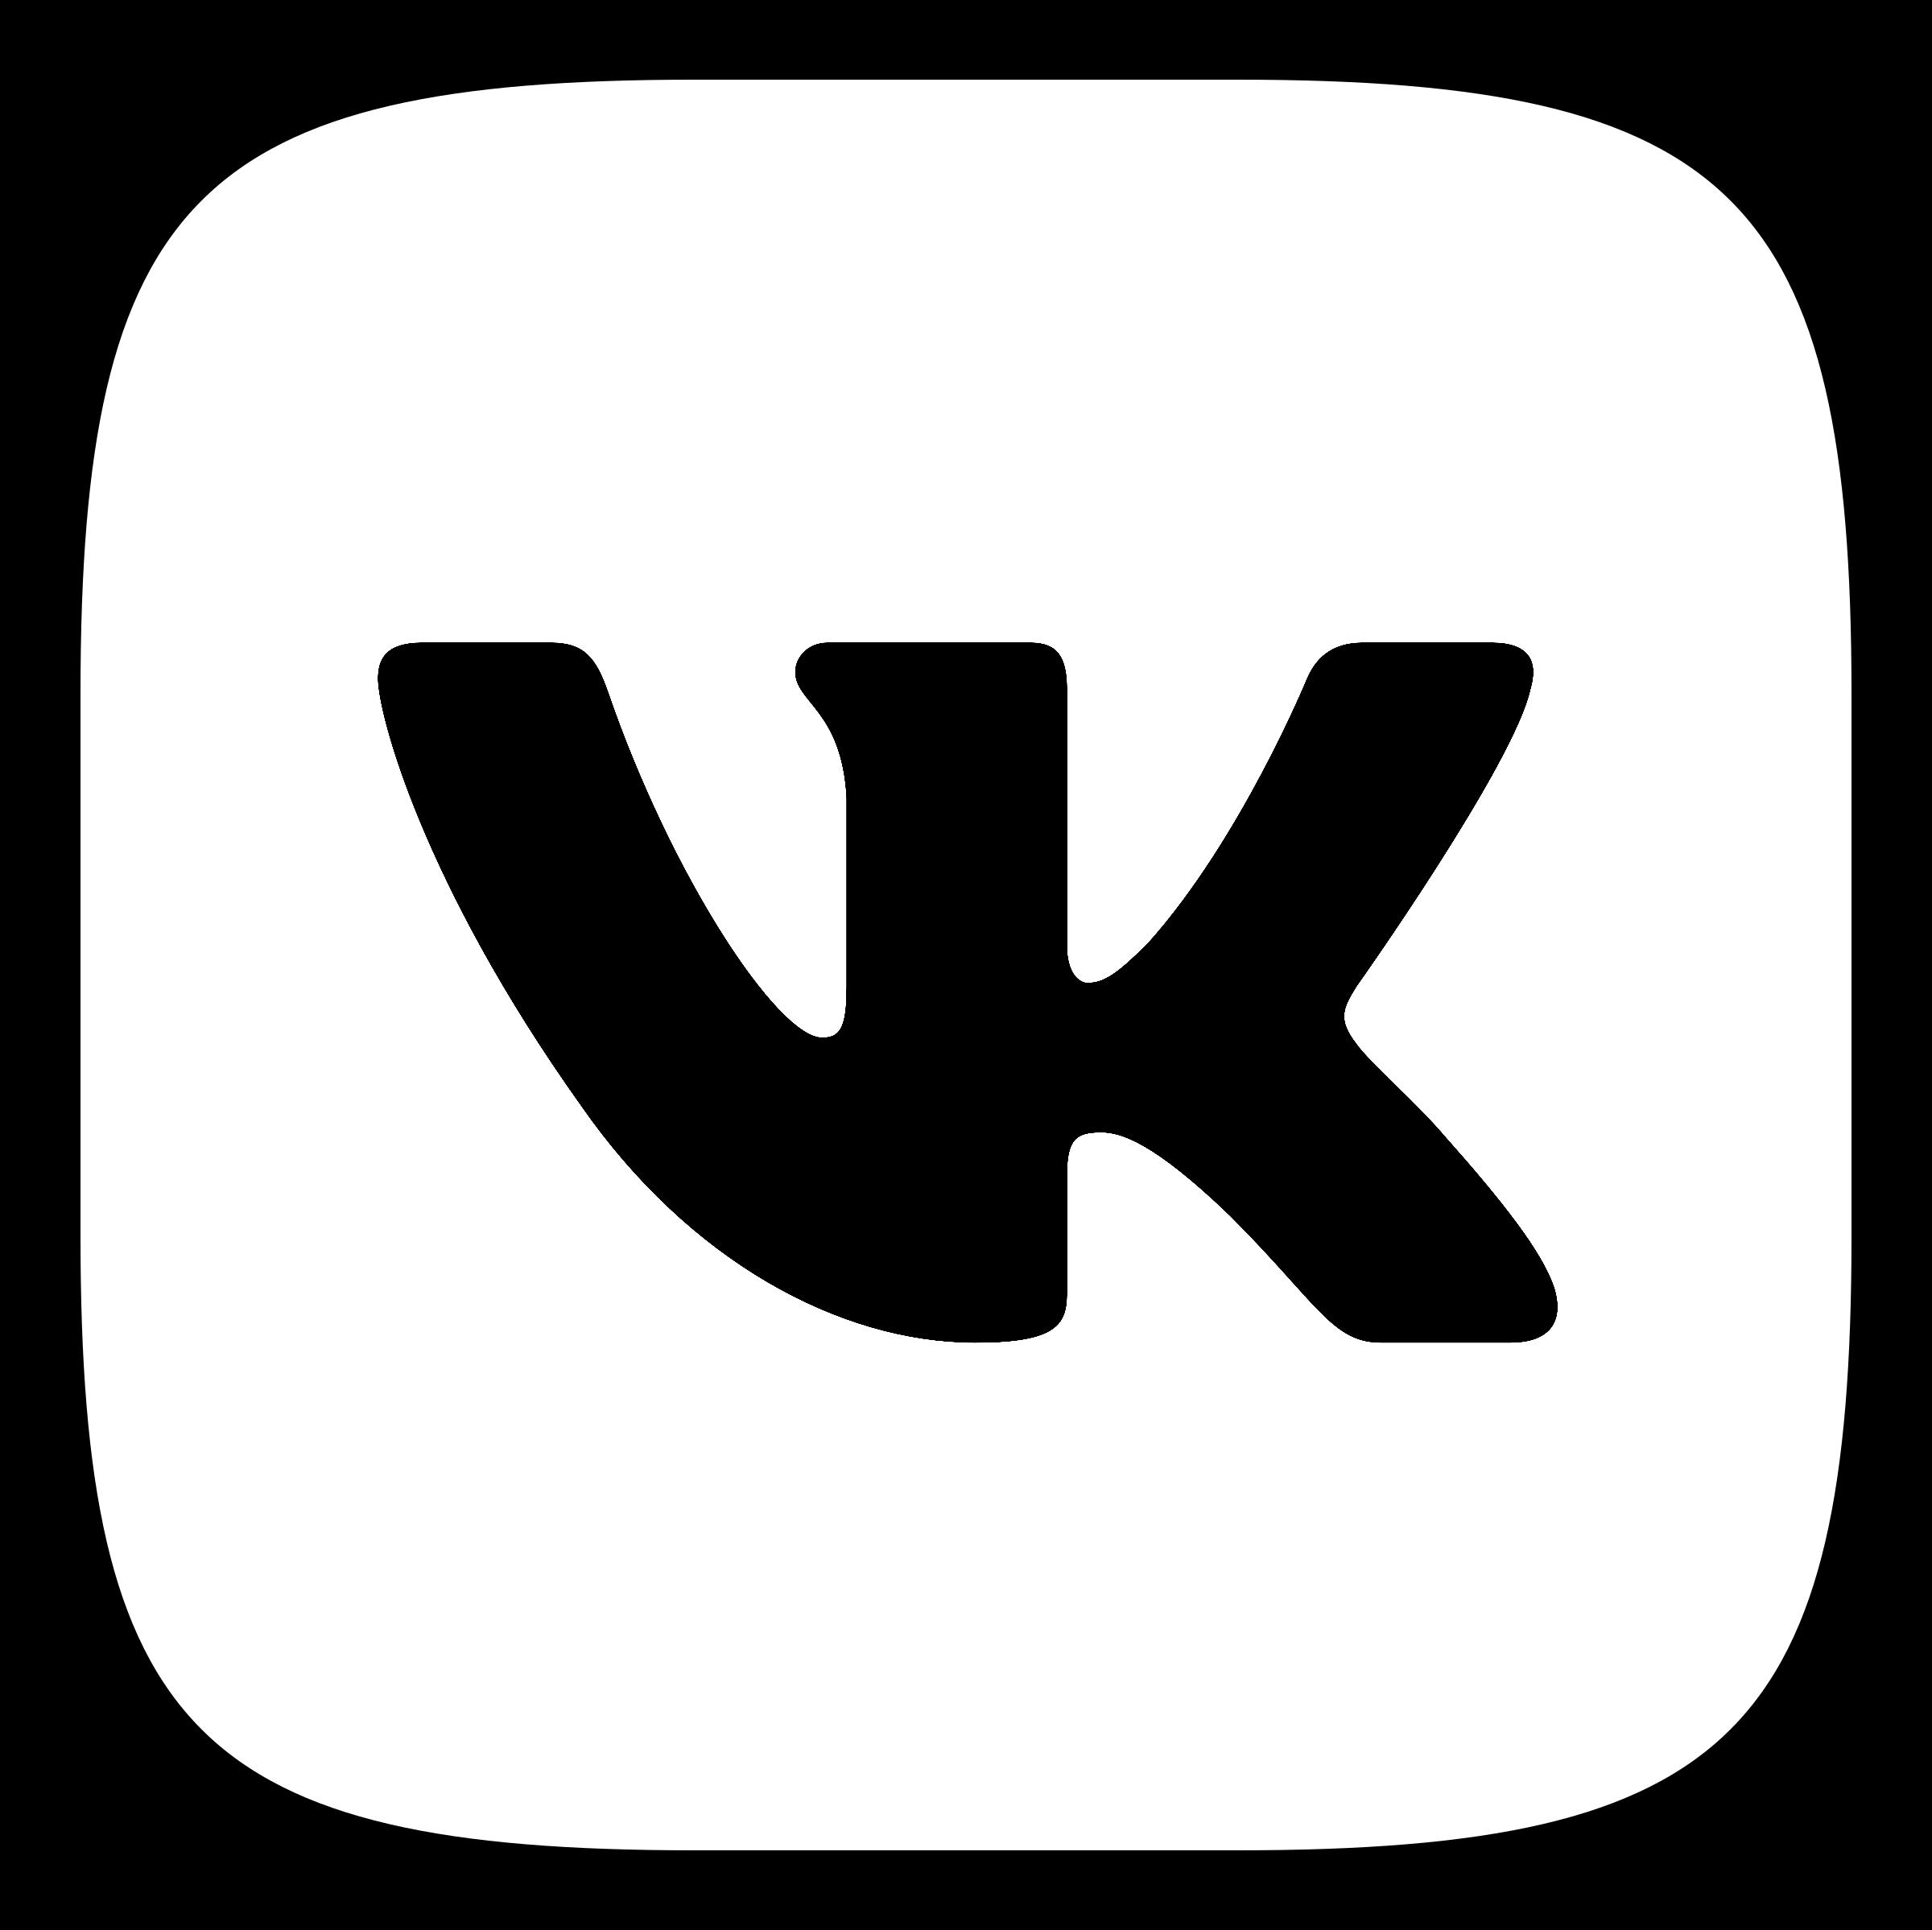 VK Logo PNG Transparent & SVG Vector.